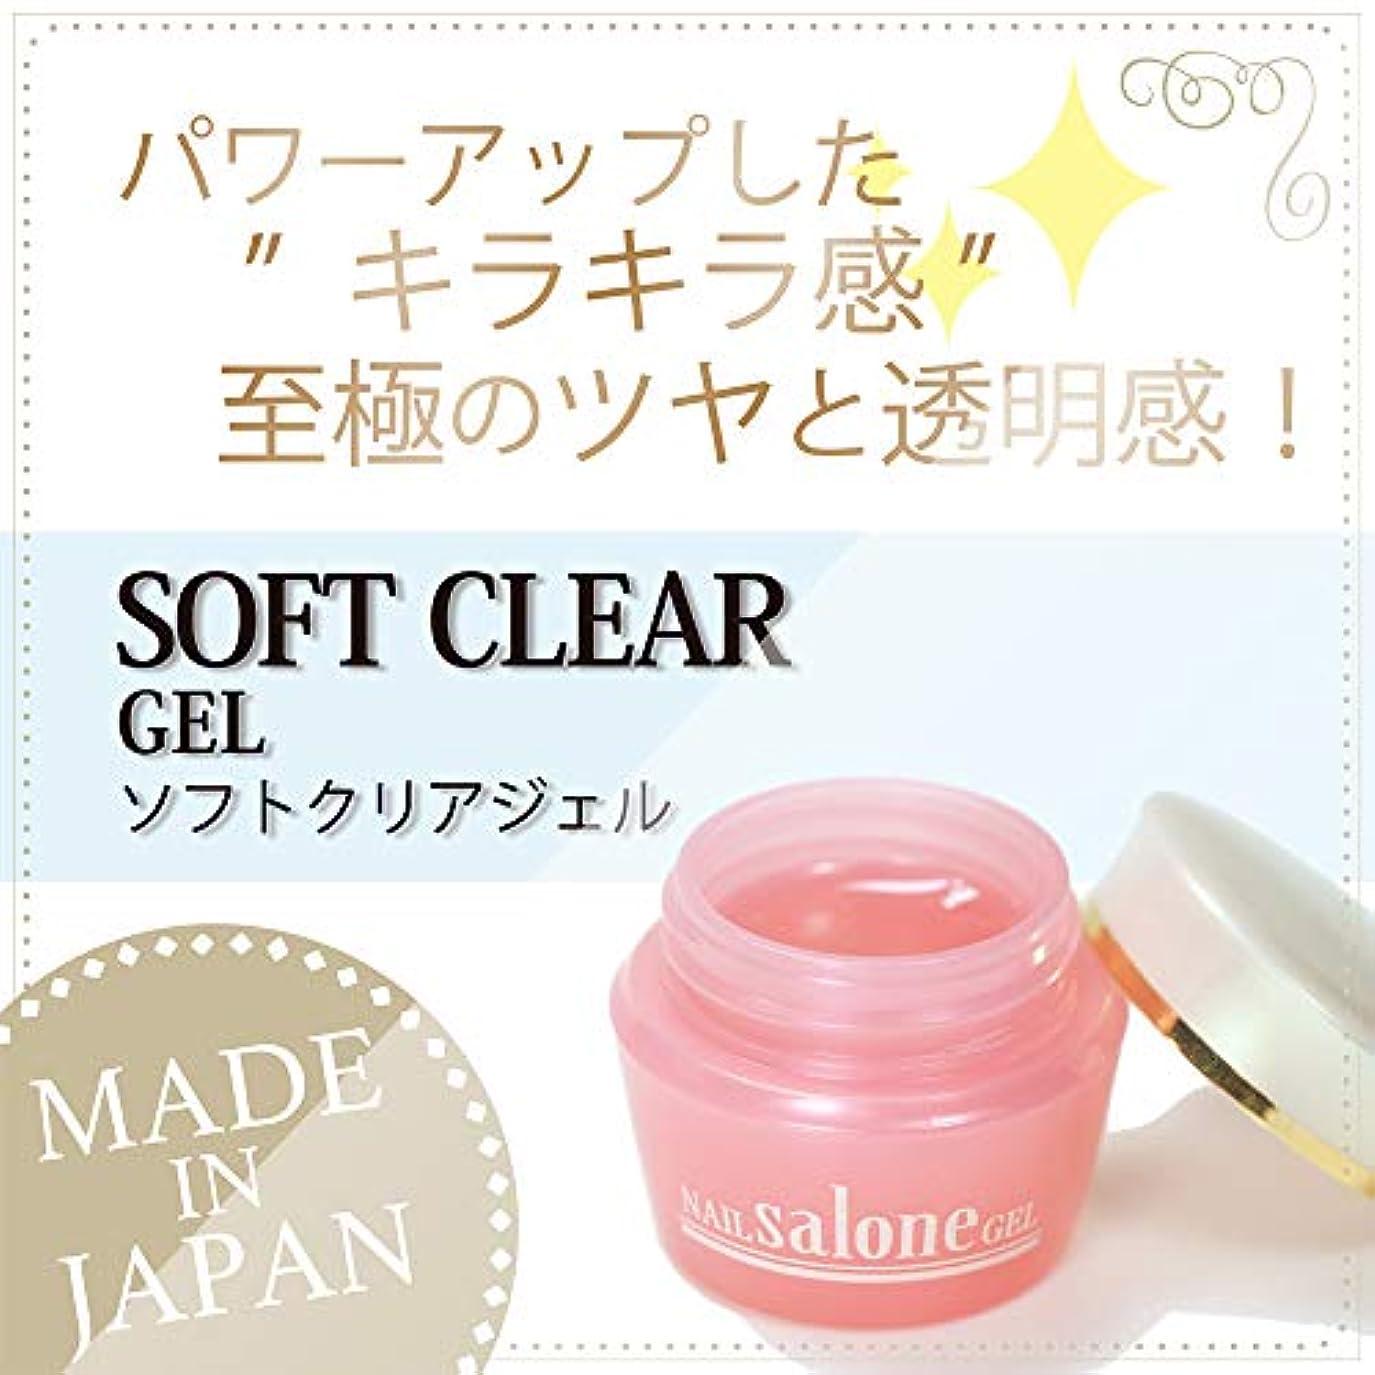 染色サンドイッチカールSalone gel サローネ ソフトクリアージェル ツヤツヤ キラキラ感持続 抜群のツヤ 爪に優しい日本製 3g